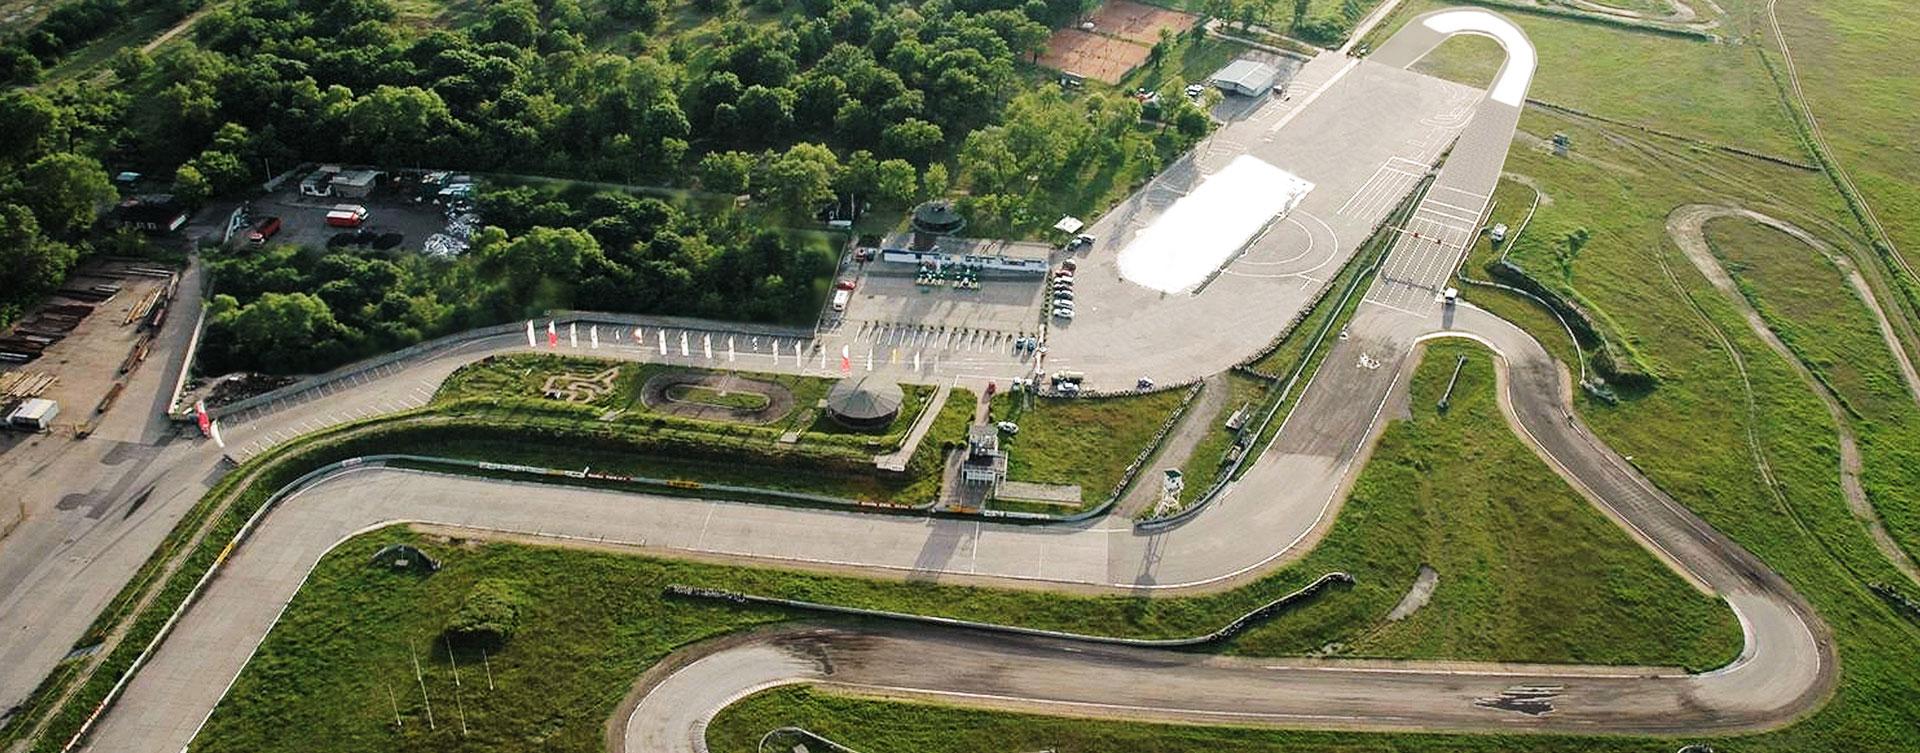 prawo jazdy toruń - szkolenia kierowców - ośrodek szkolenia toruń